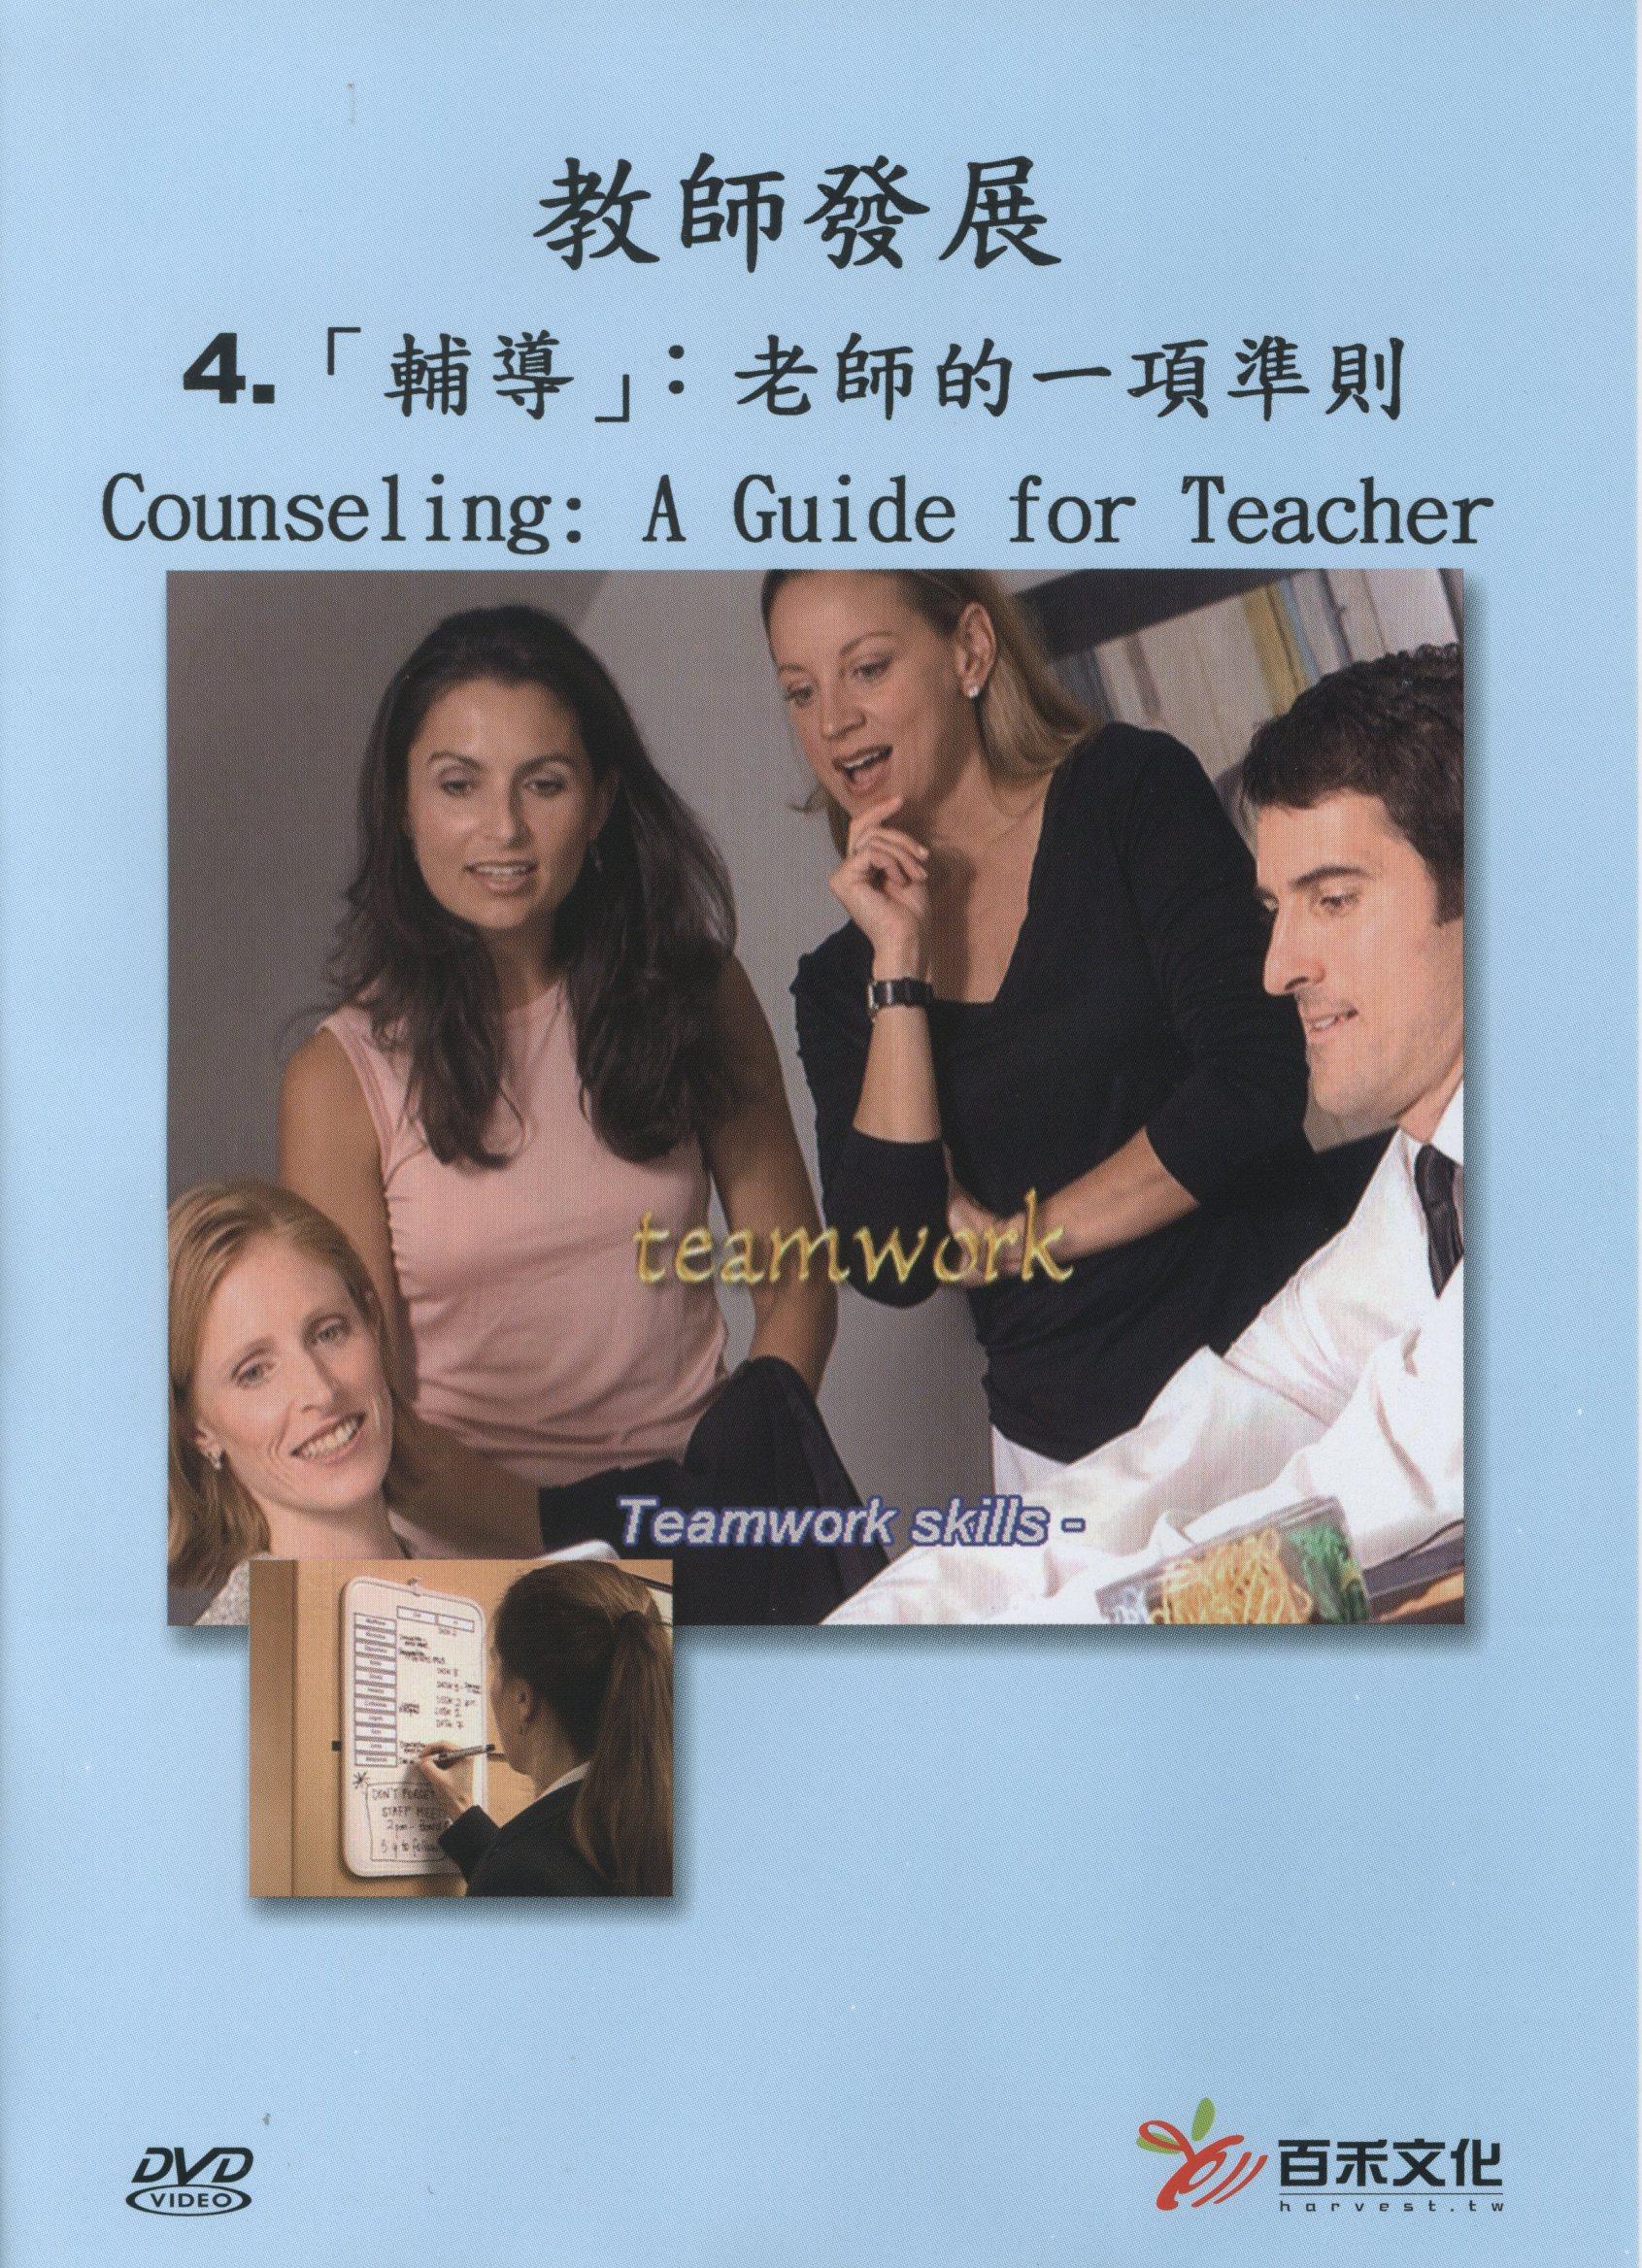 教師發展 「輔導」: 老師的一項準則 = Counseling : a guide for teacher